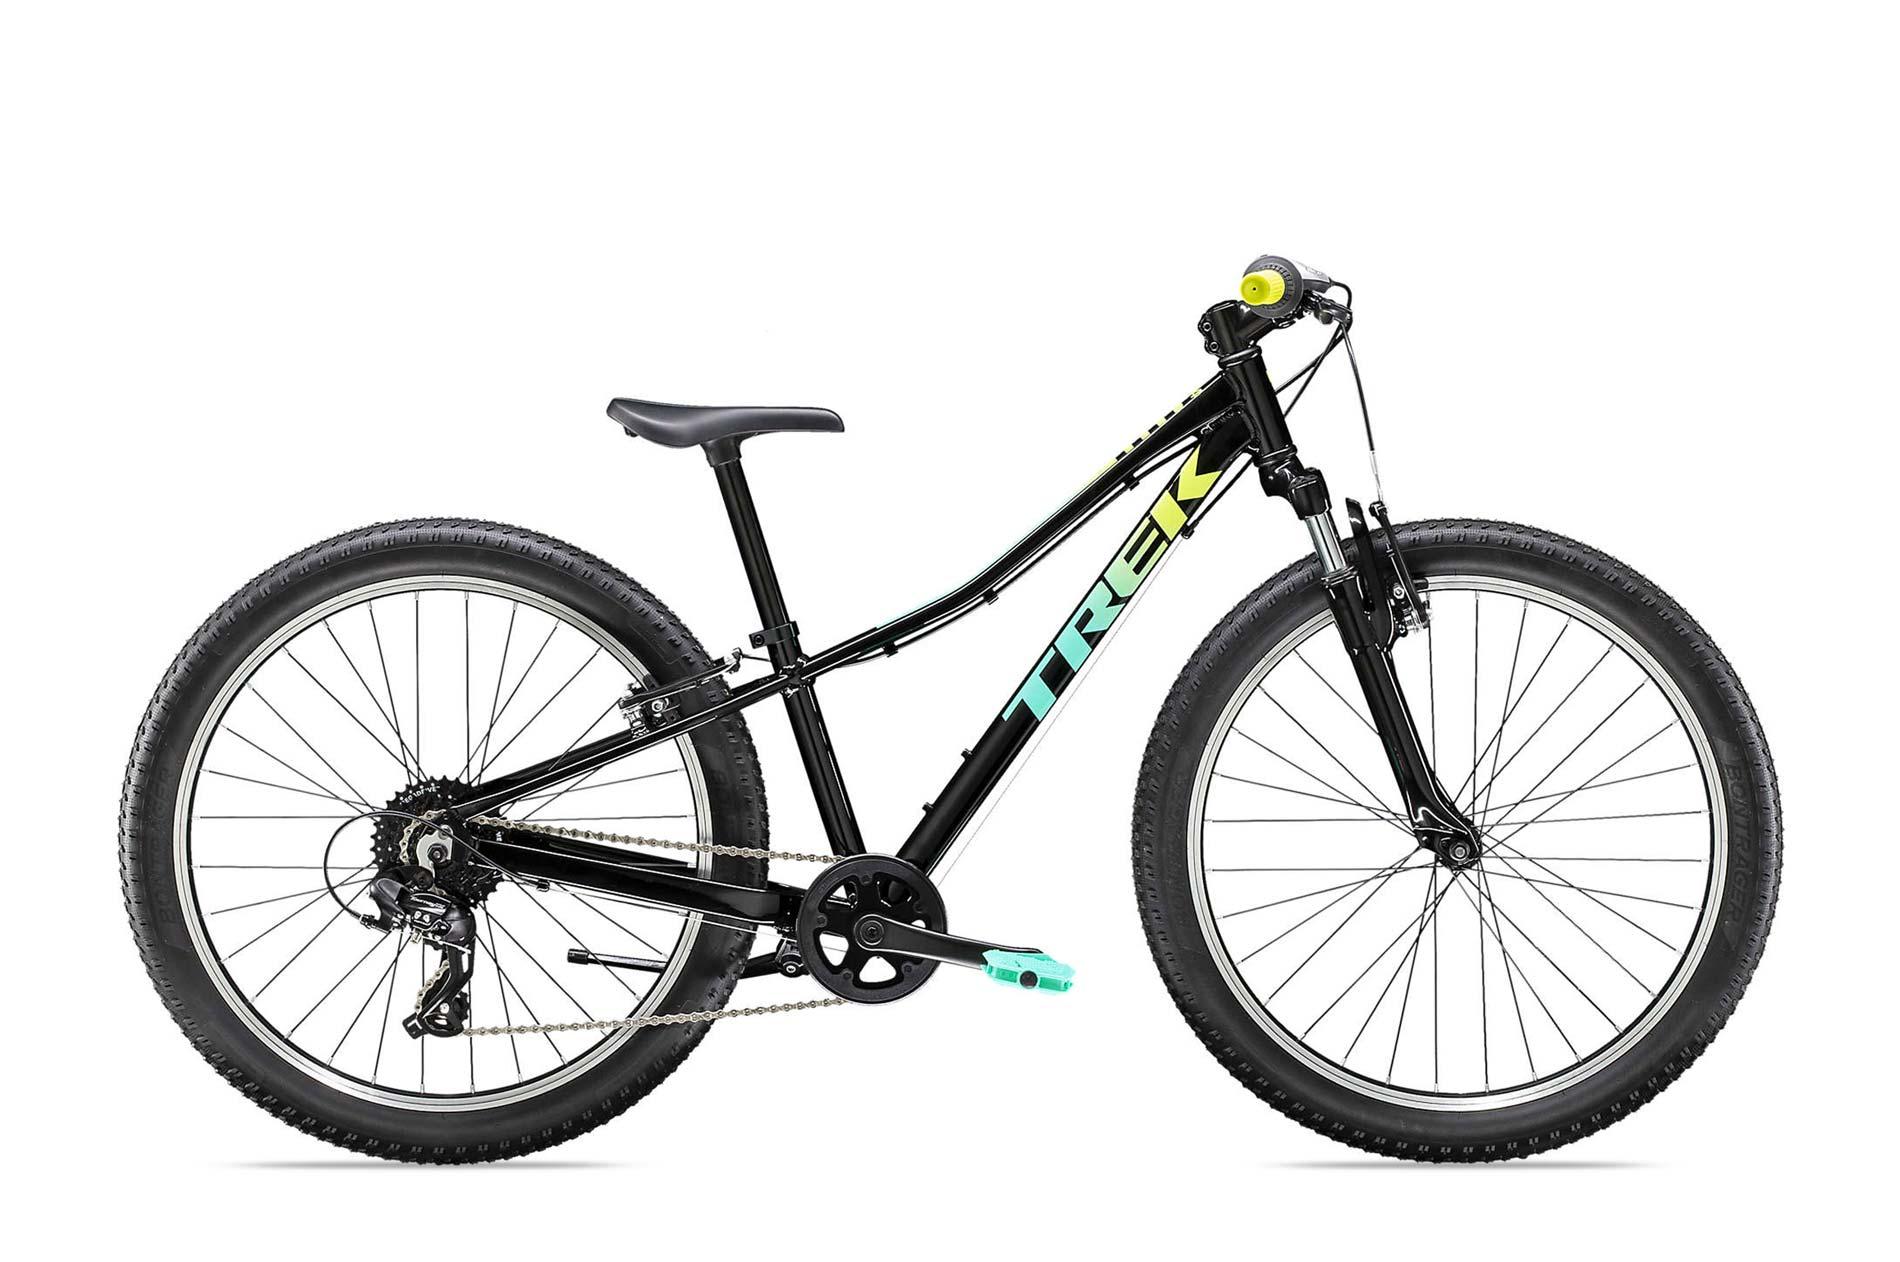 """Xe đạp trẻ em Trek Precaliber kid bikes 24"""" 8 tốc độ - Đen"""